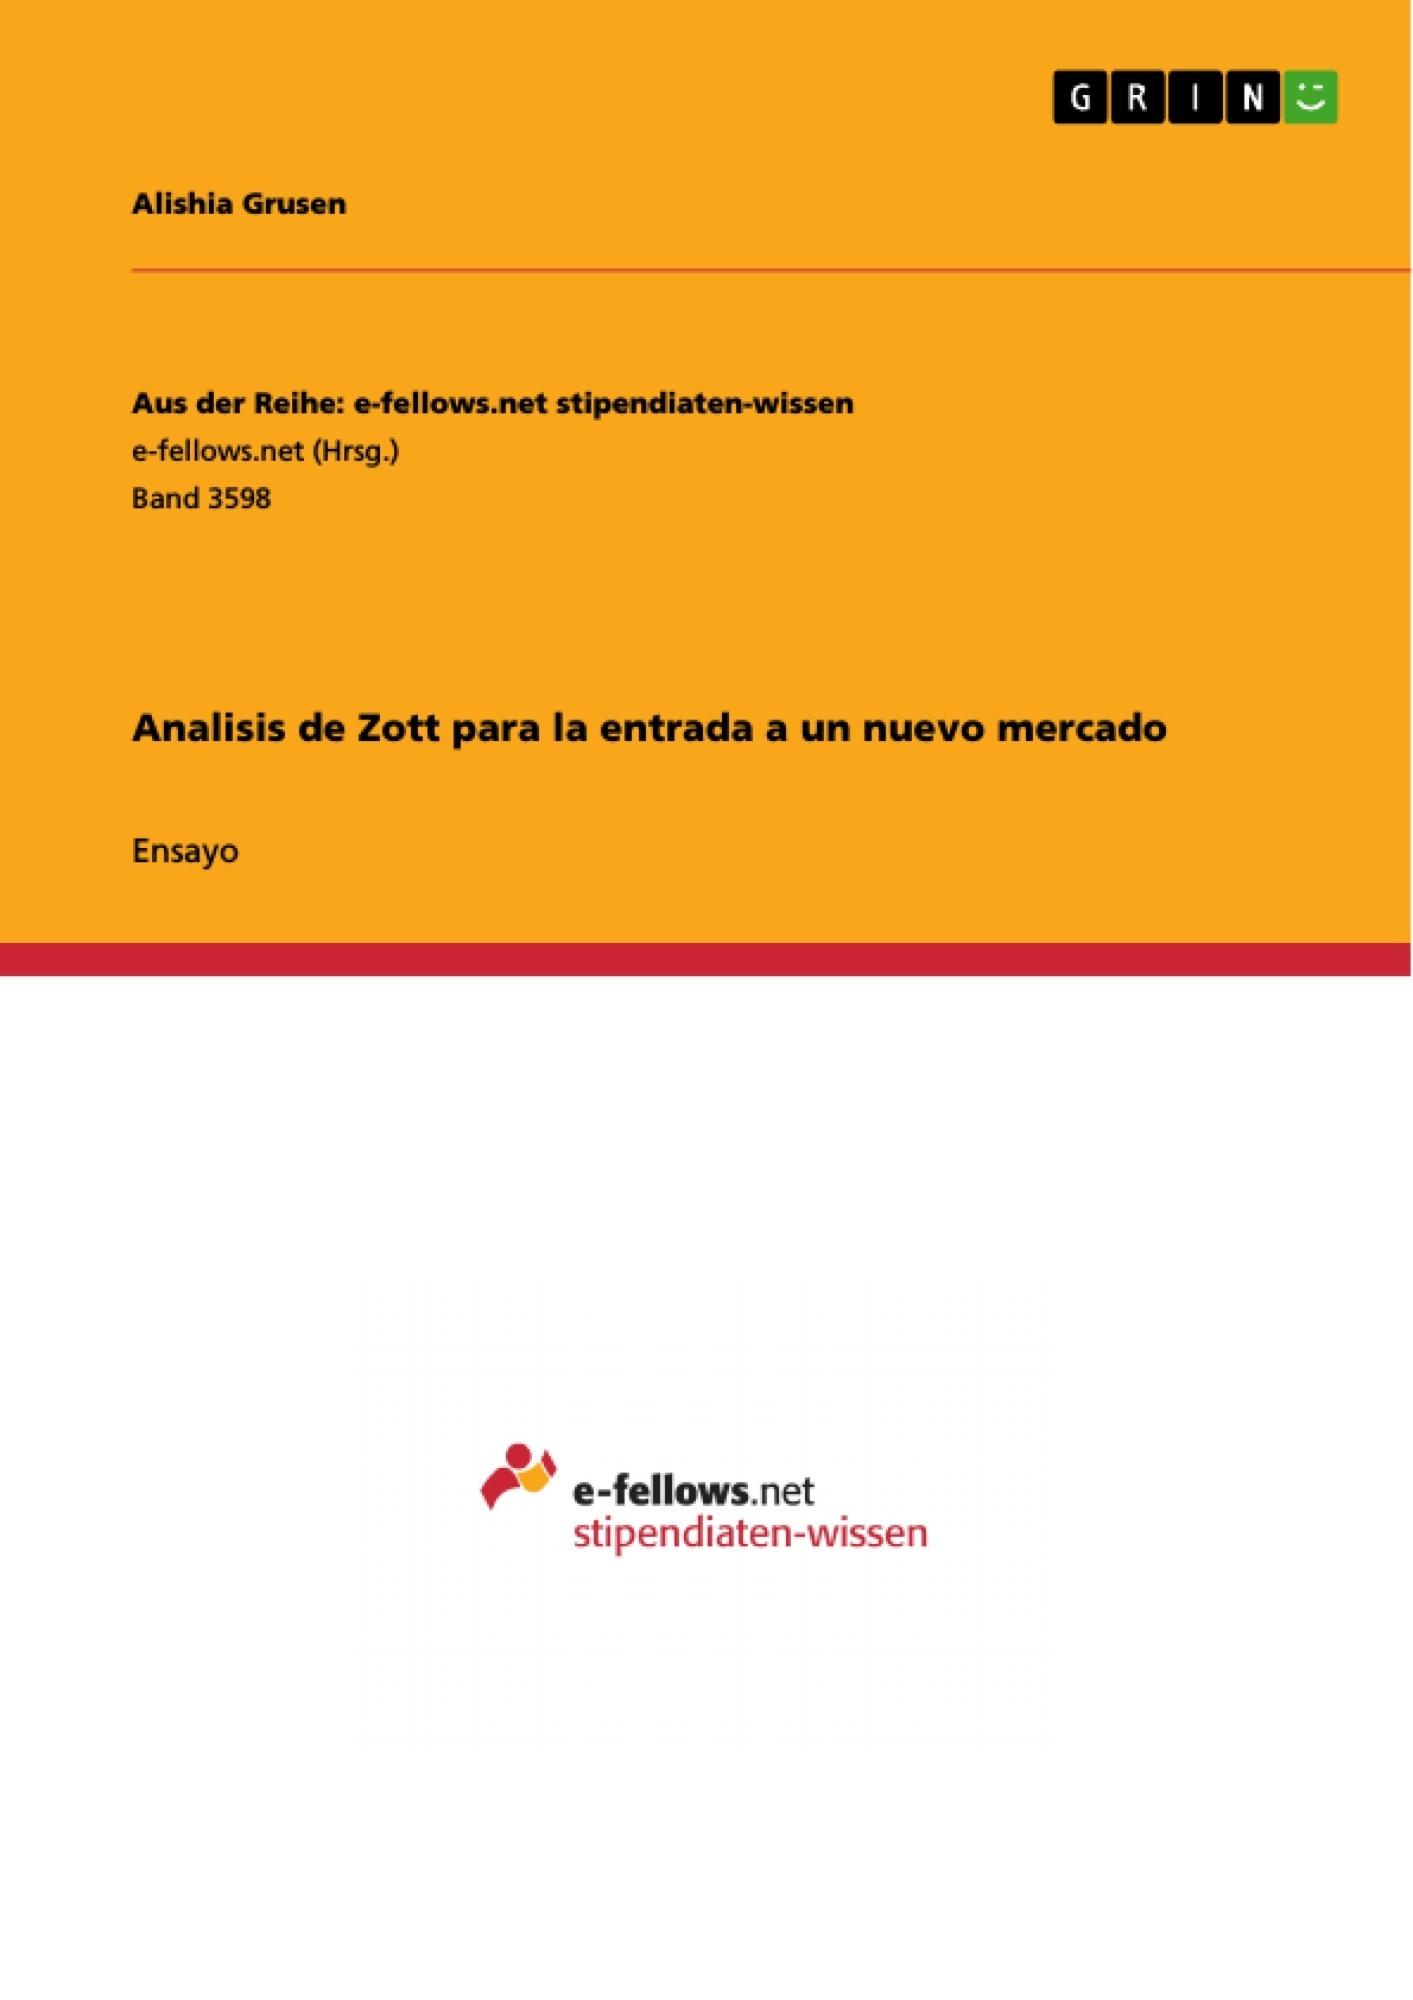 Título: Analisis de Zott para la entrada a un nuevo mercado